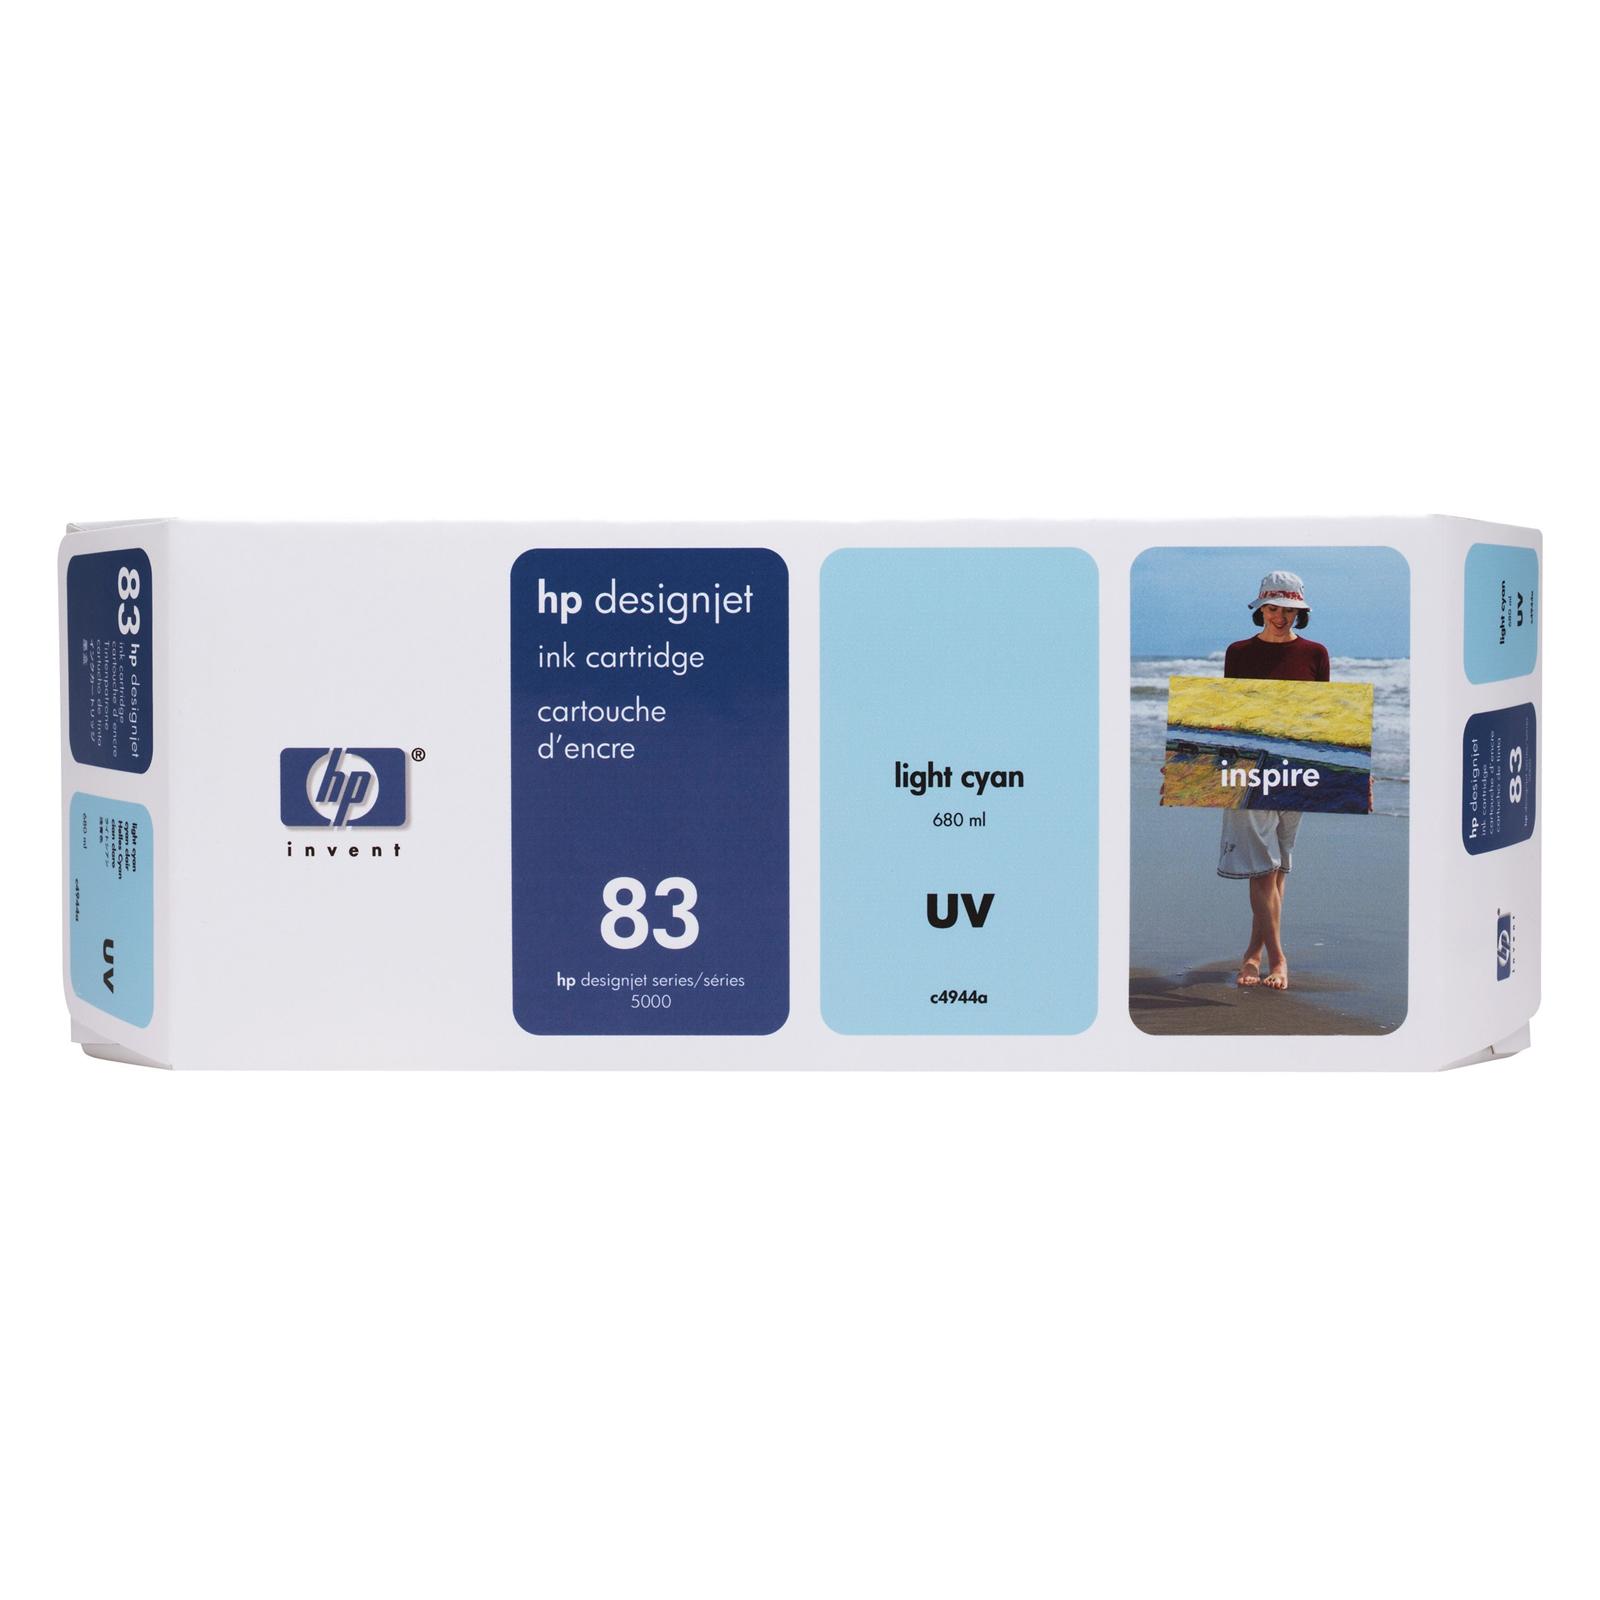 Hewlett Packard Inkjet Cartridges C4944a Servers Plus